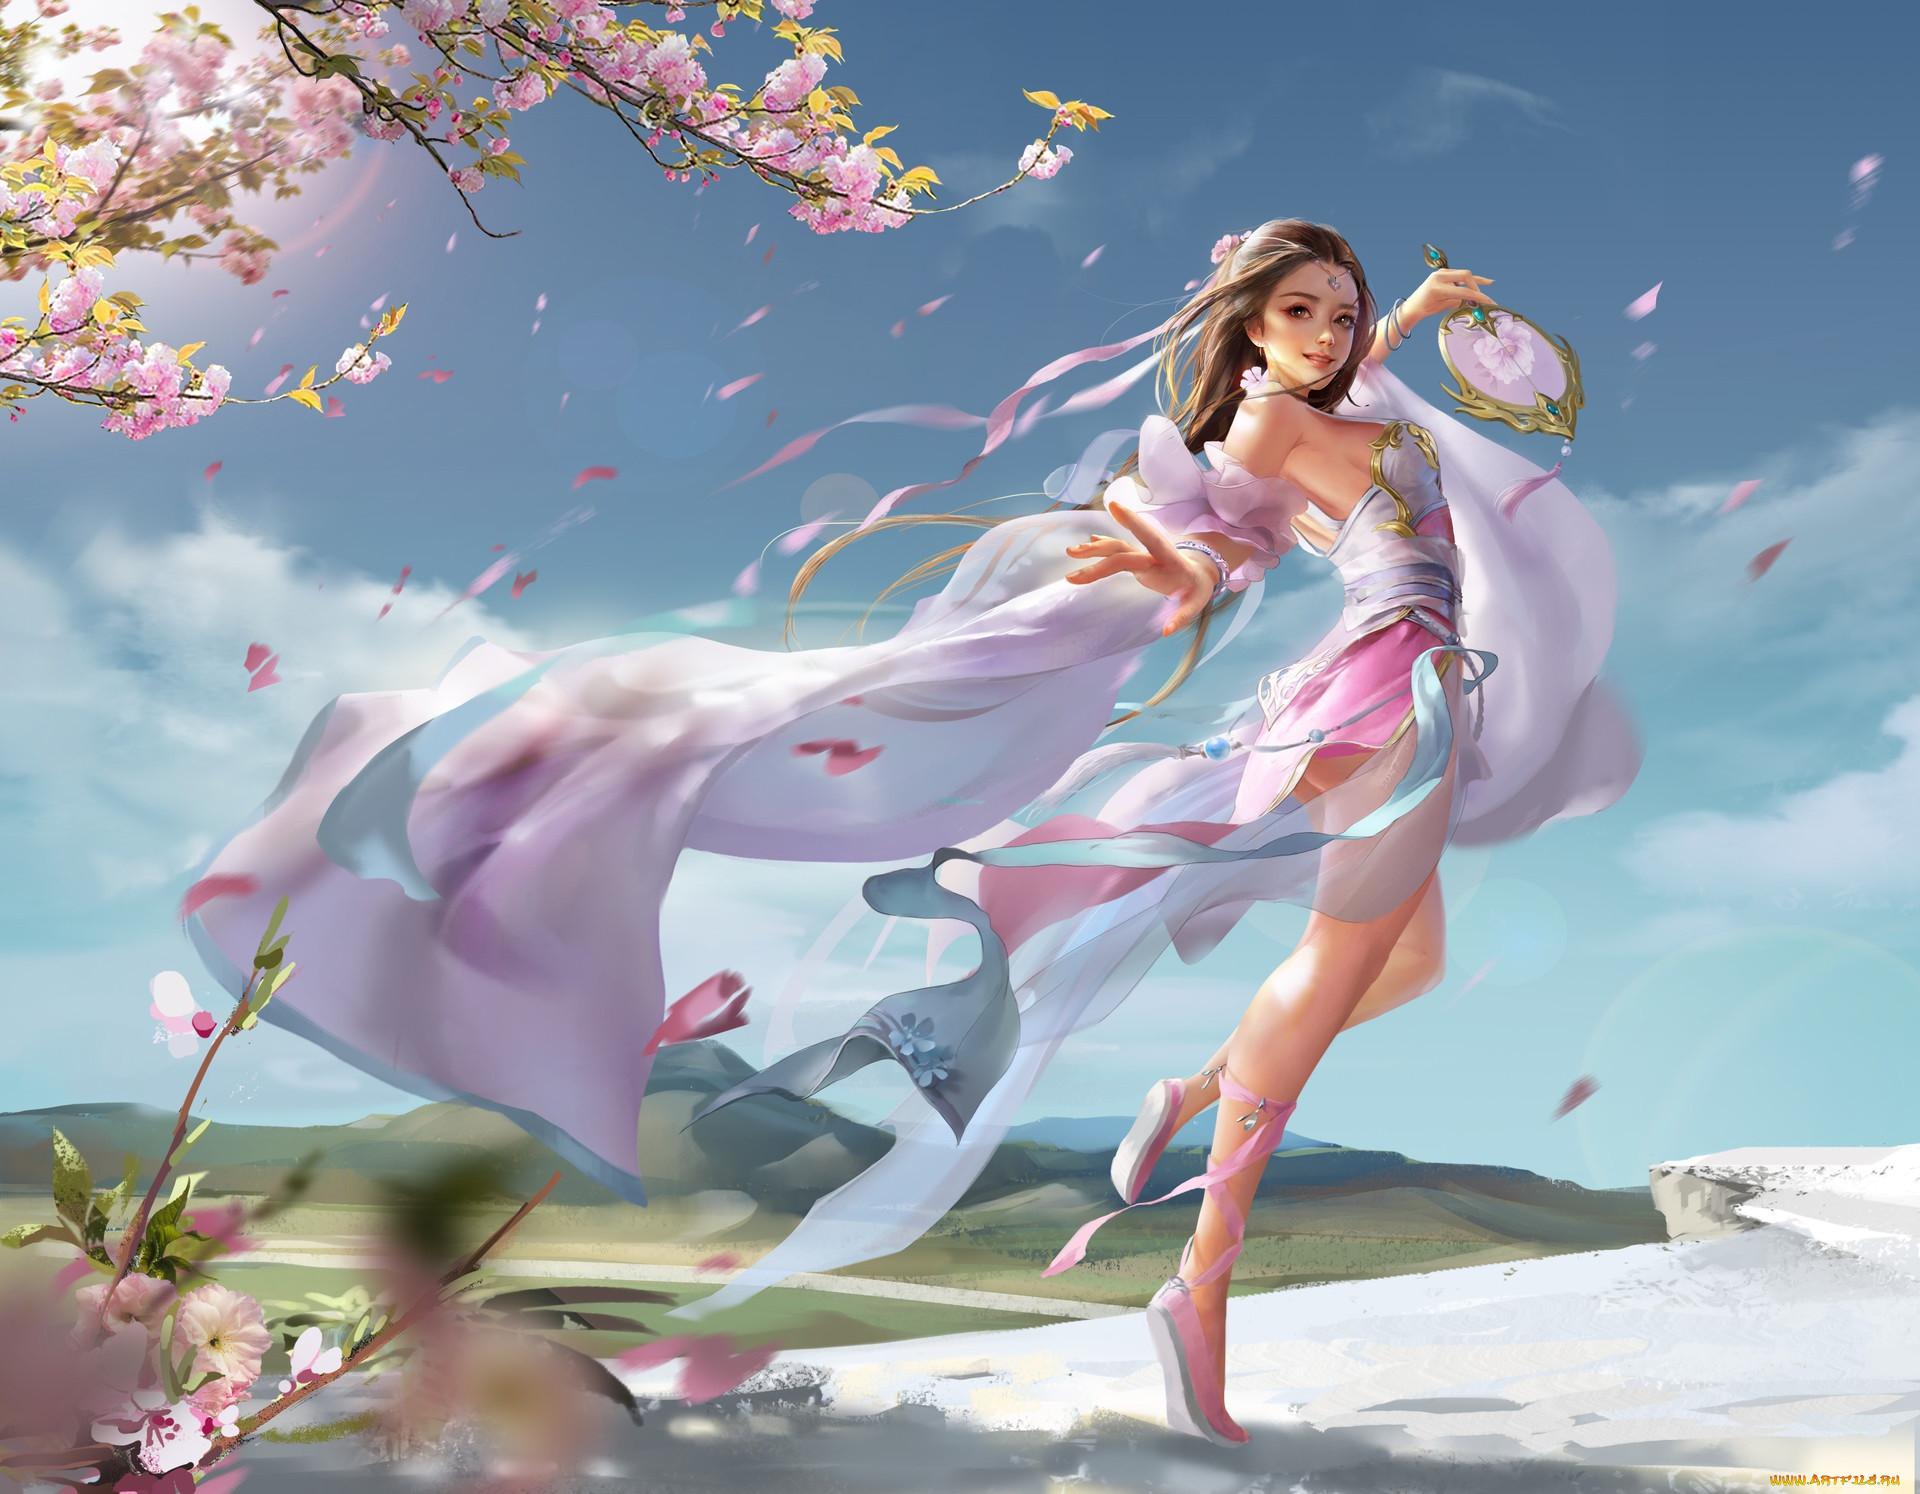 фэнтези, девушки, весна, фентези, сакура, девушка, настроение, веер